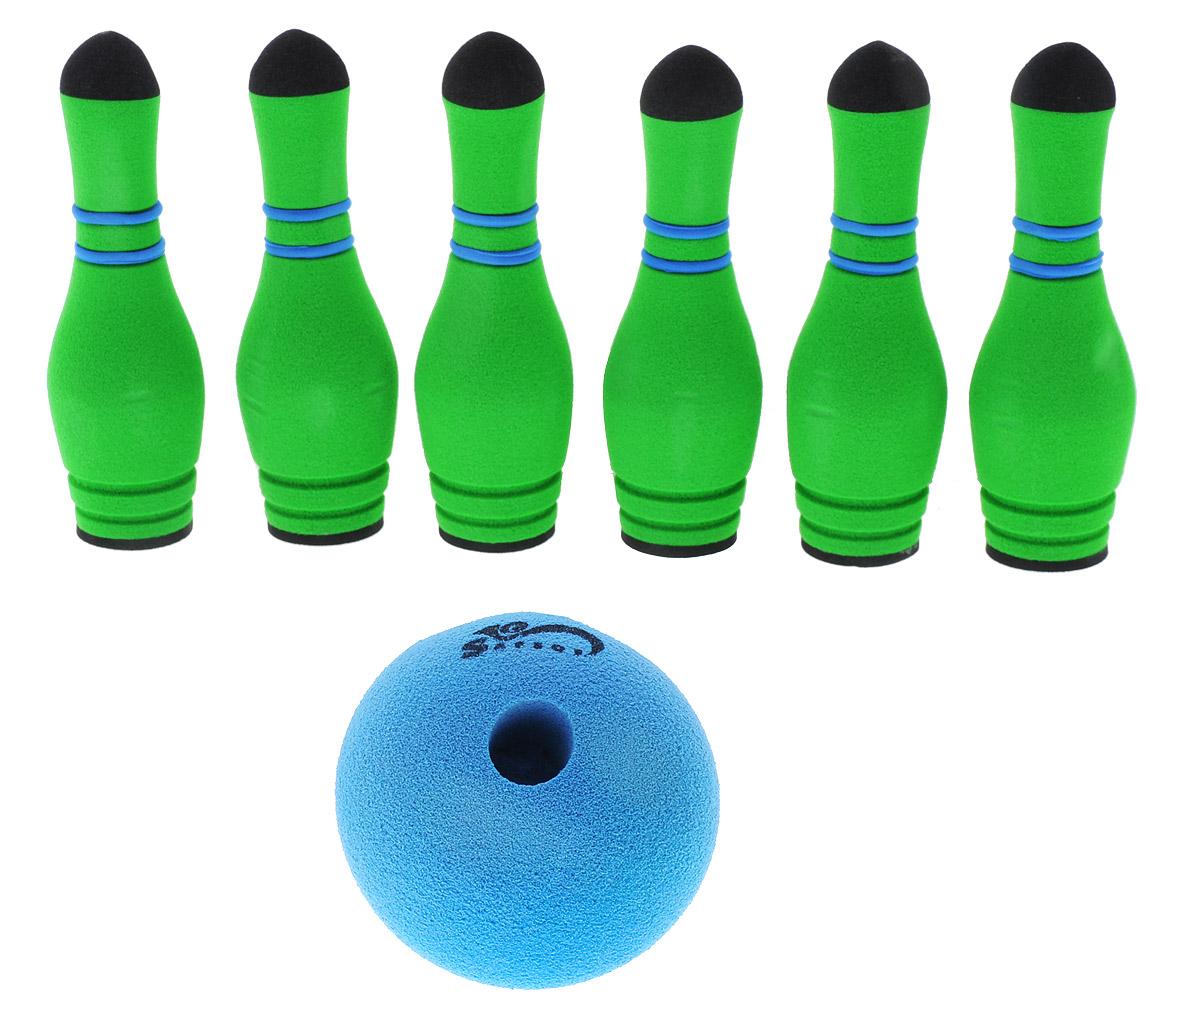 Safsof Игровой набор Мини-боулинг цвет синий зеленый